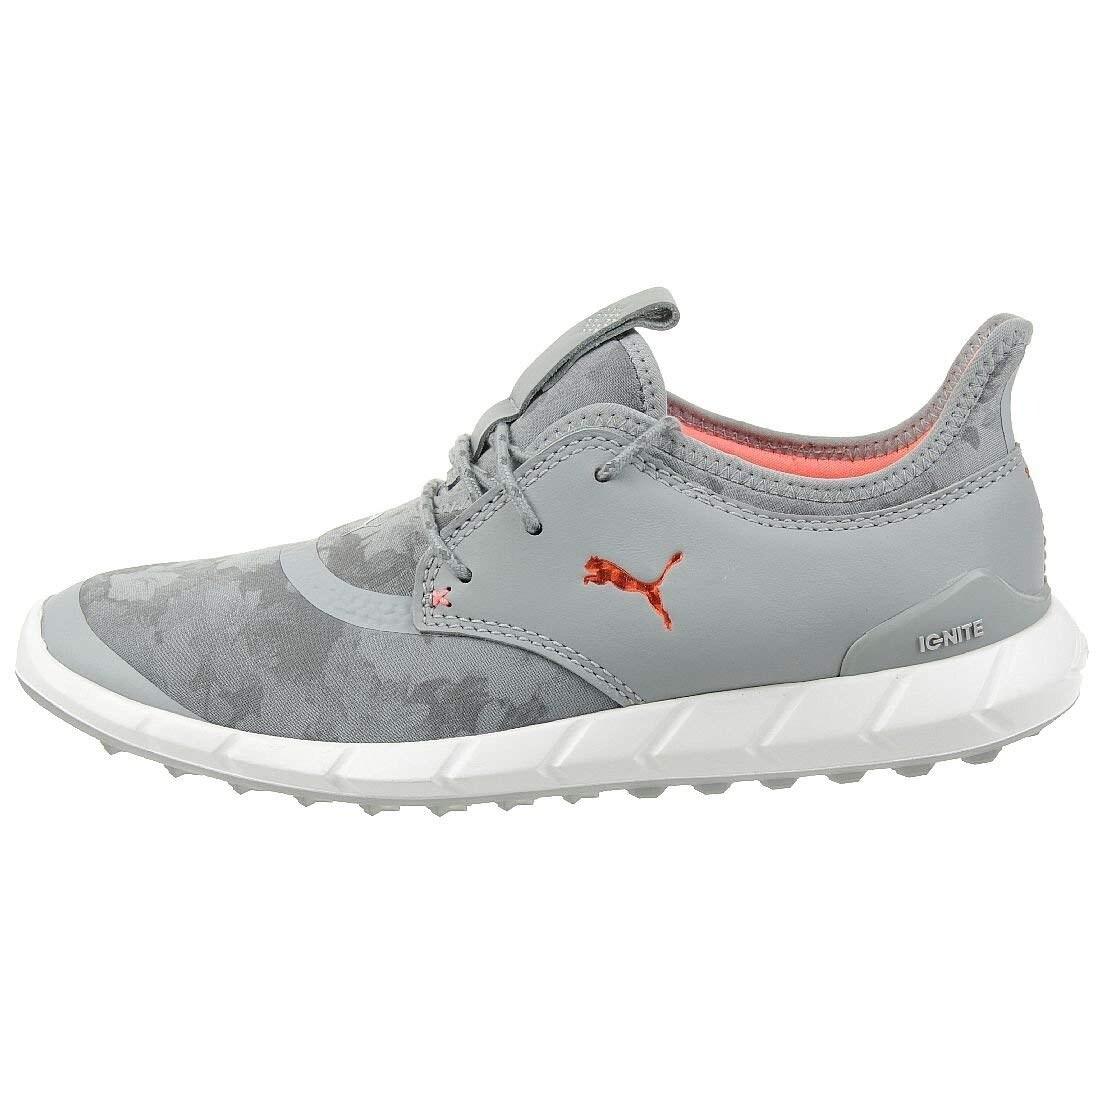 c7e0e5e7caa4 Puma Women s Ignite Spikeless Sport Floral Golf Shoes Grey White 190171-02